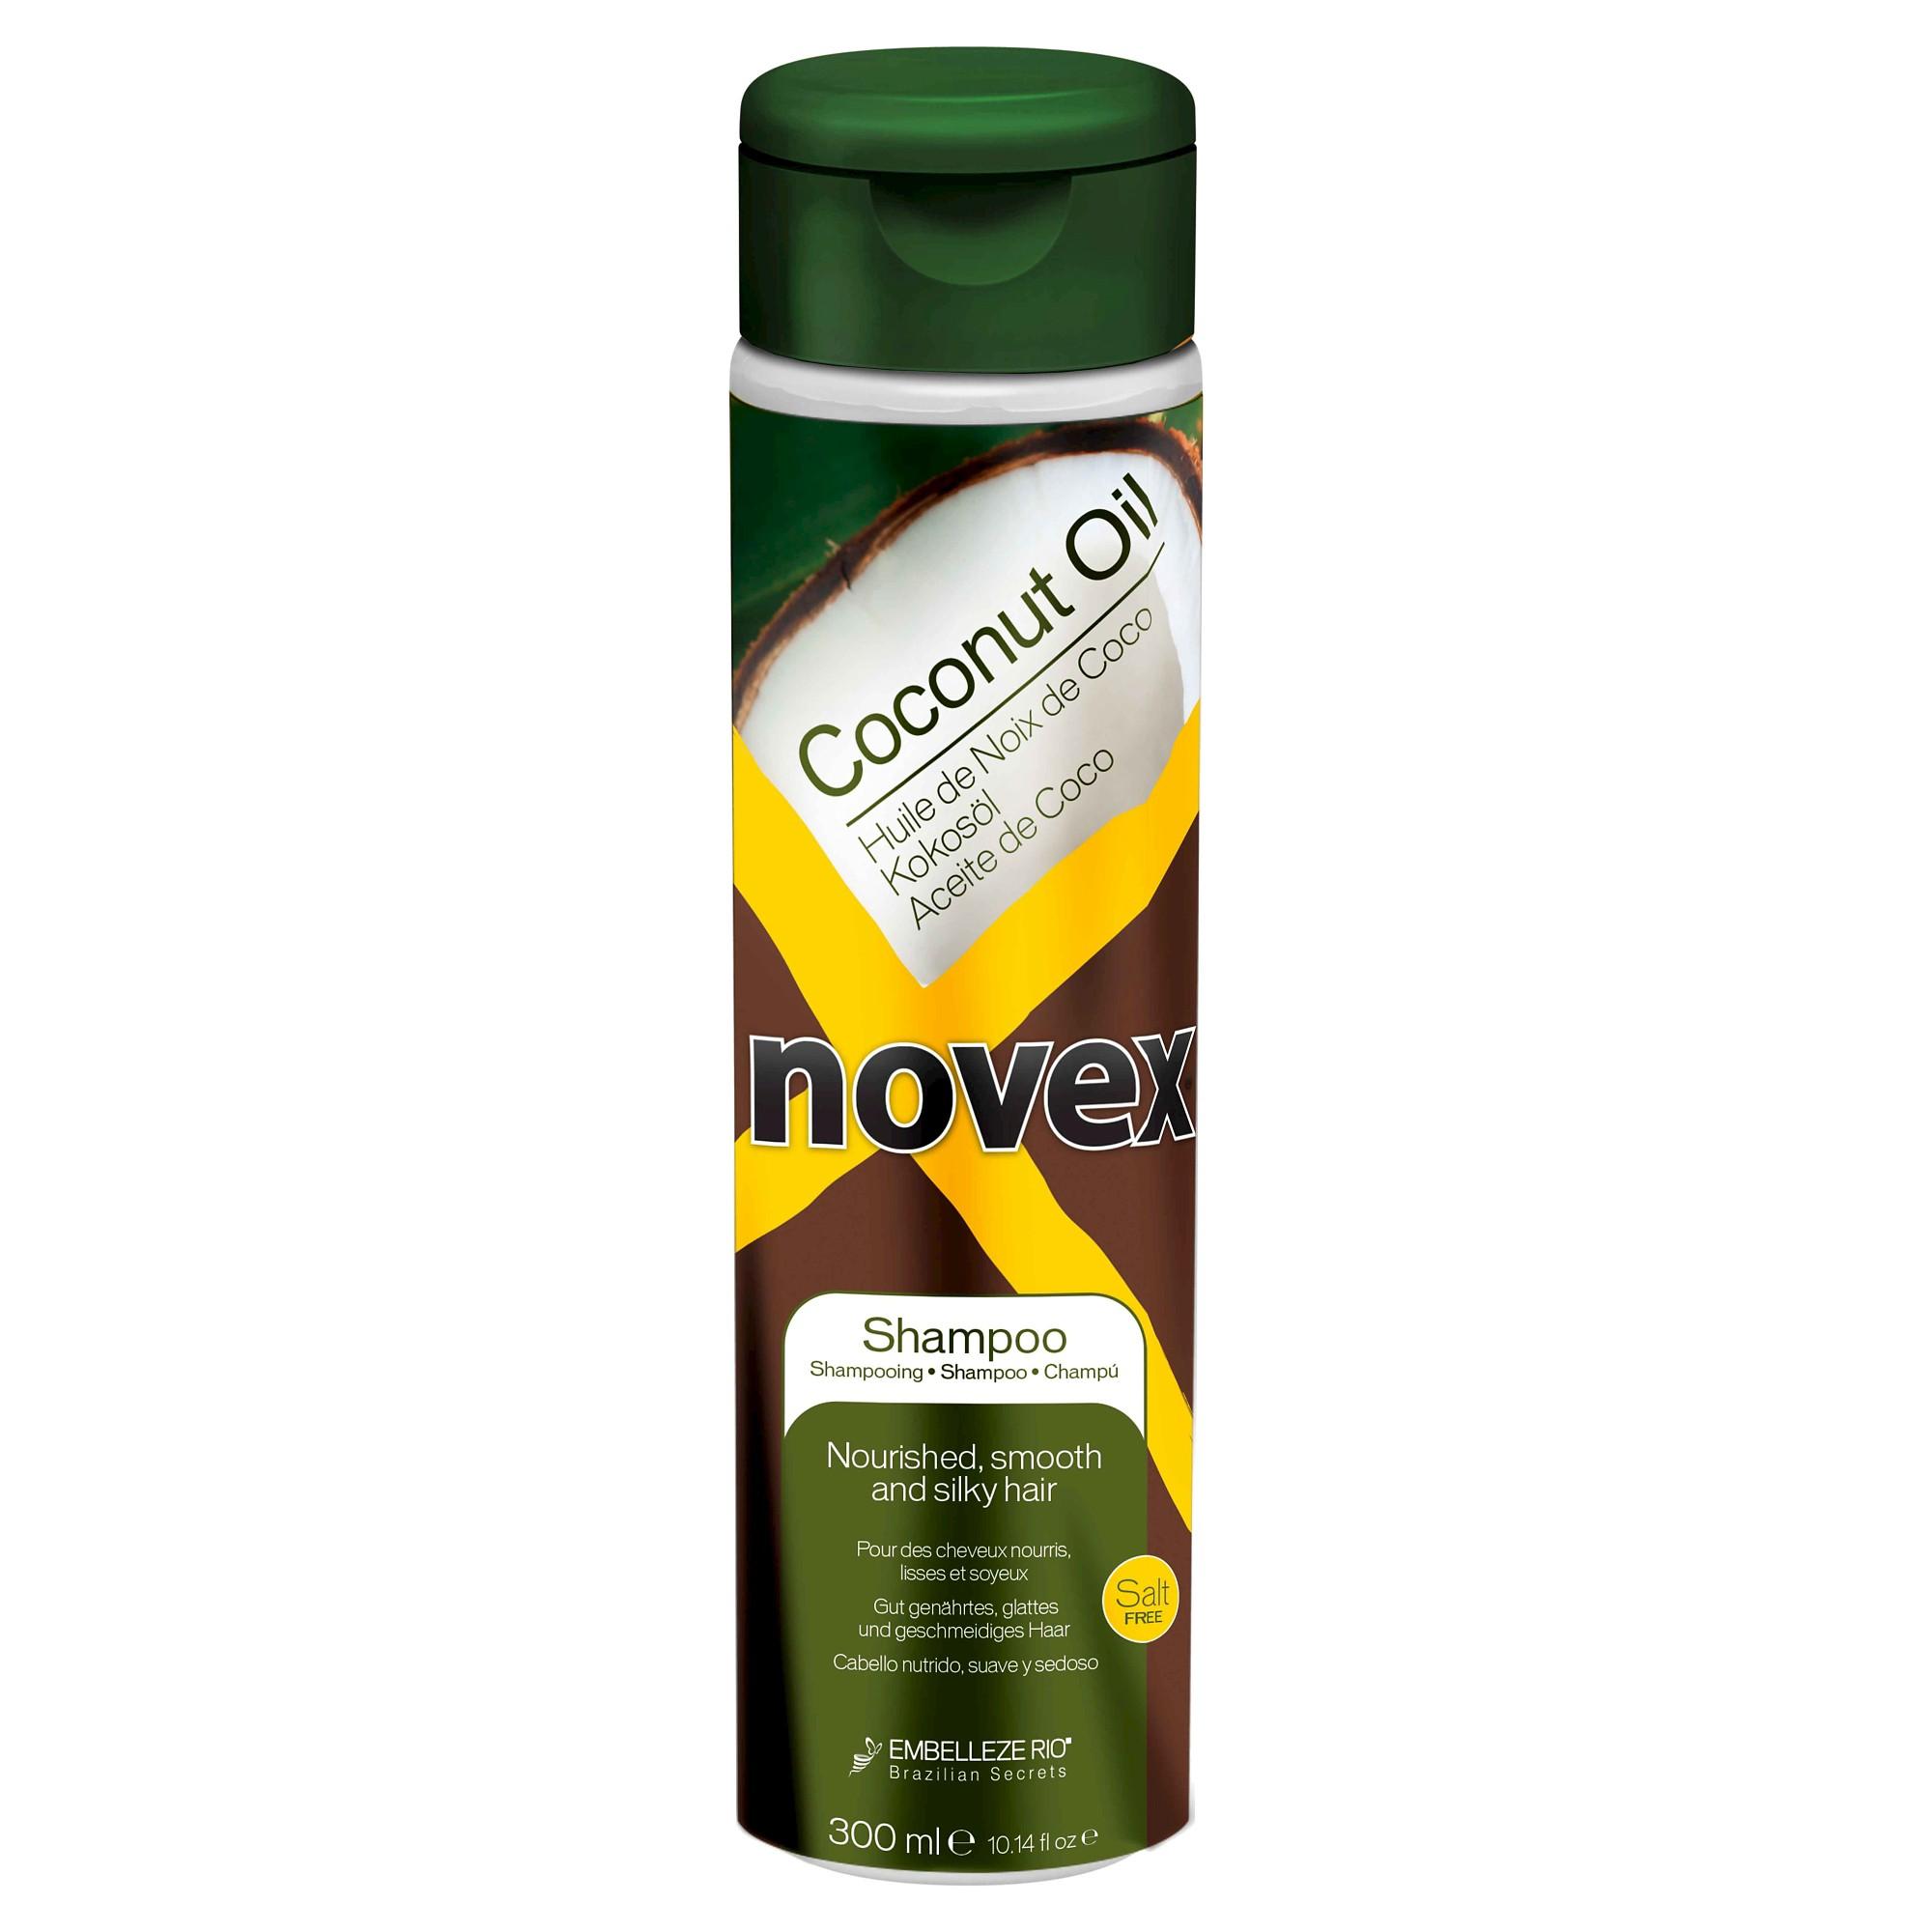 Novex Coconut Oil Shampoo 10.14 fl oz Coconut oil